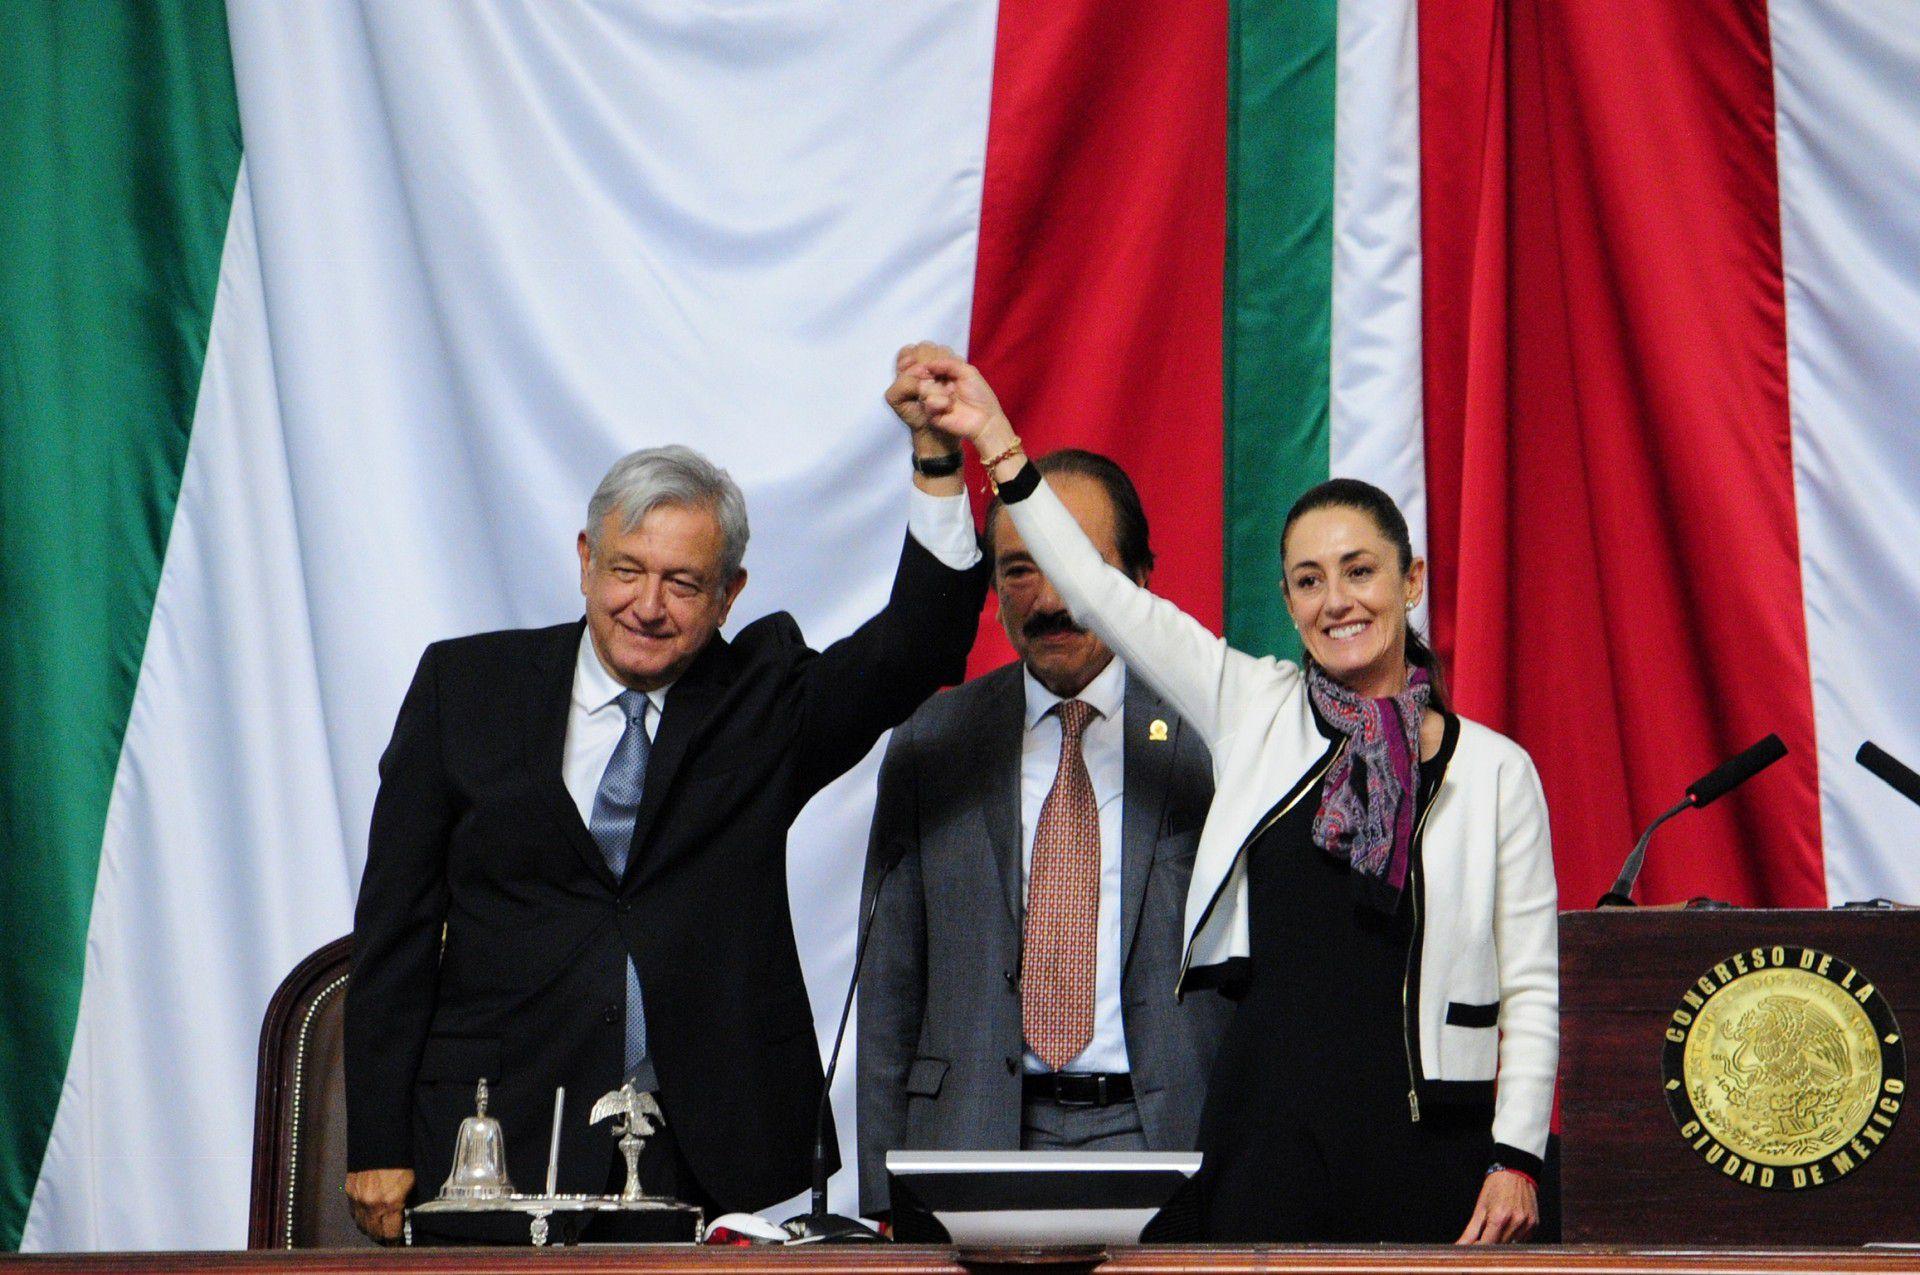 La jefa de gobierno de la Ciudad de México, Claudia Sheinbaum, expresó su apoyo al presidente Andrés Manuel López Obrador (Foto: Archivo)